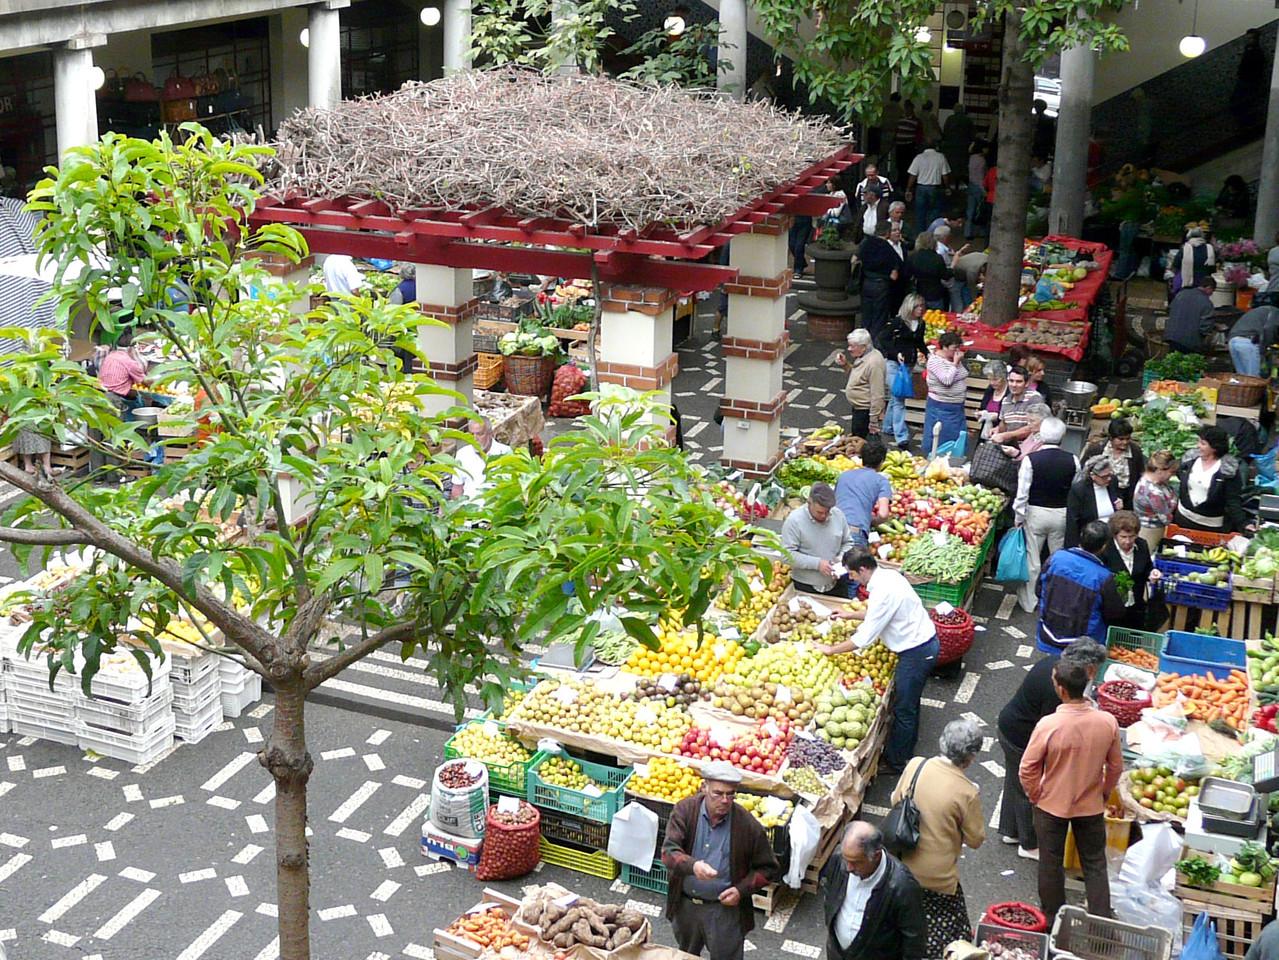 Funchal-Mercado dos Lavradores 1.jpg